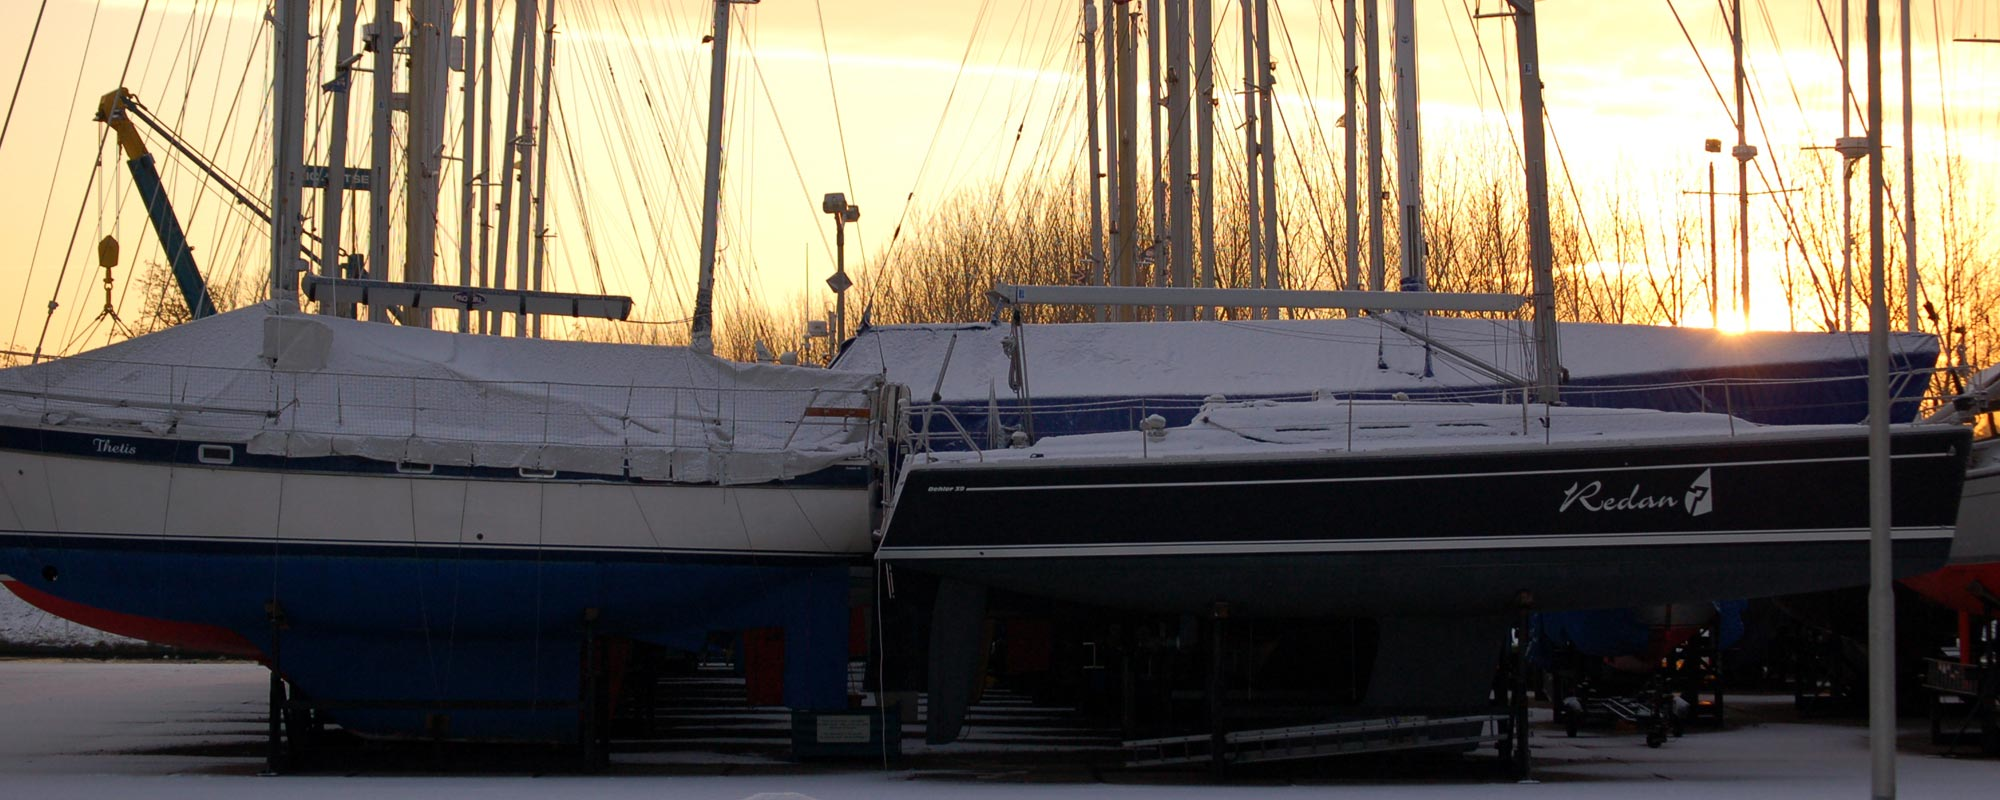 Nicolaas Witsen in Alkmaar